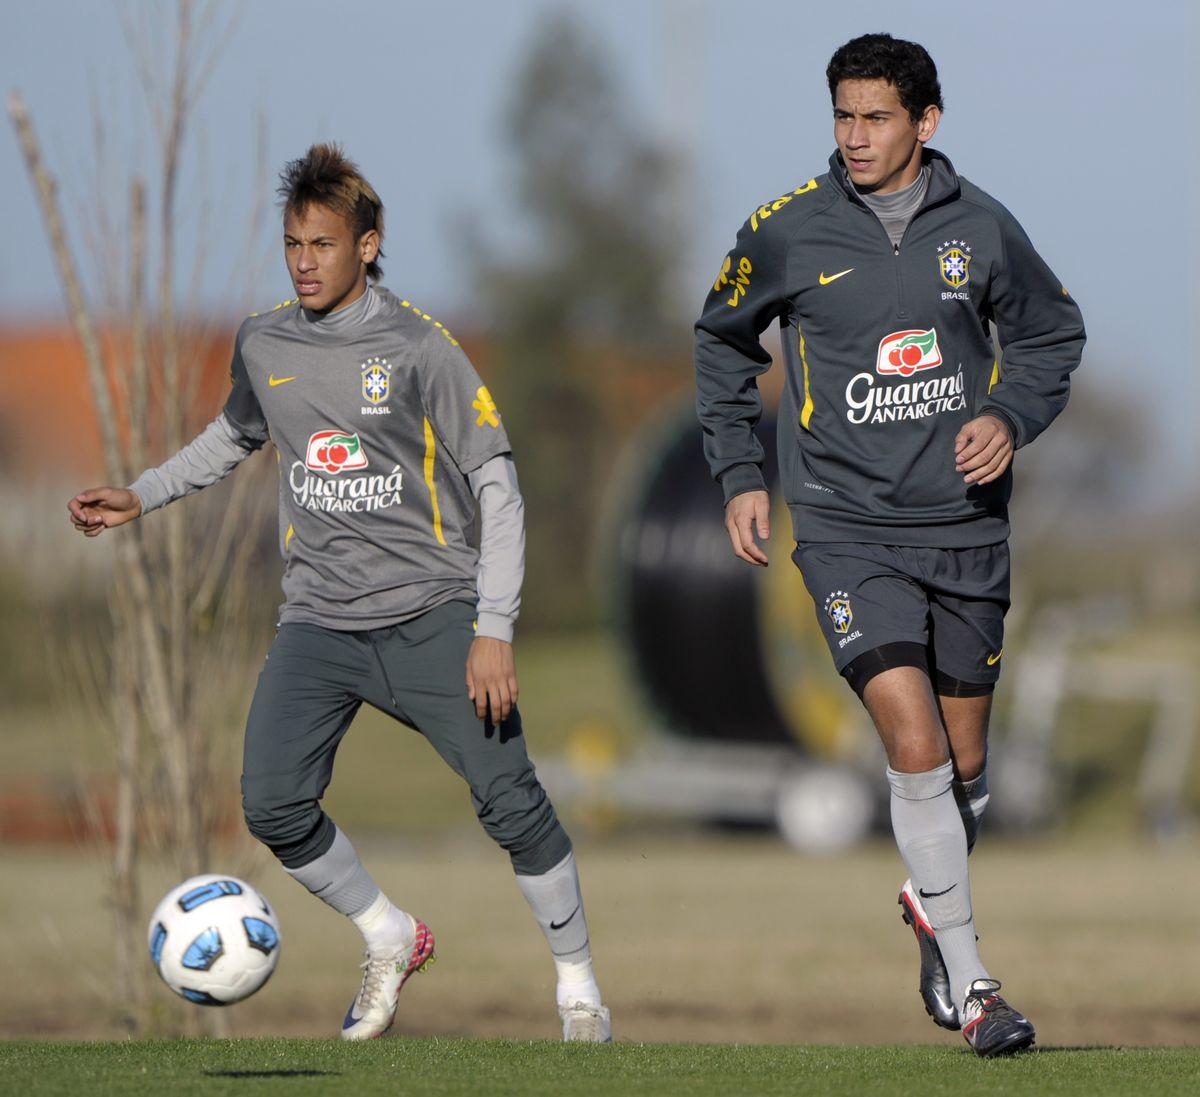 Brazil's midfielder Paulo Henrique Ganso